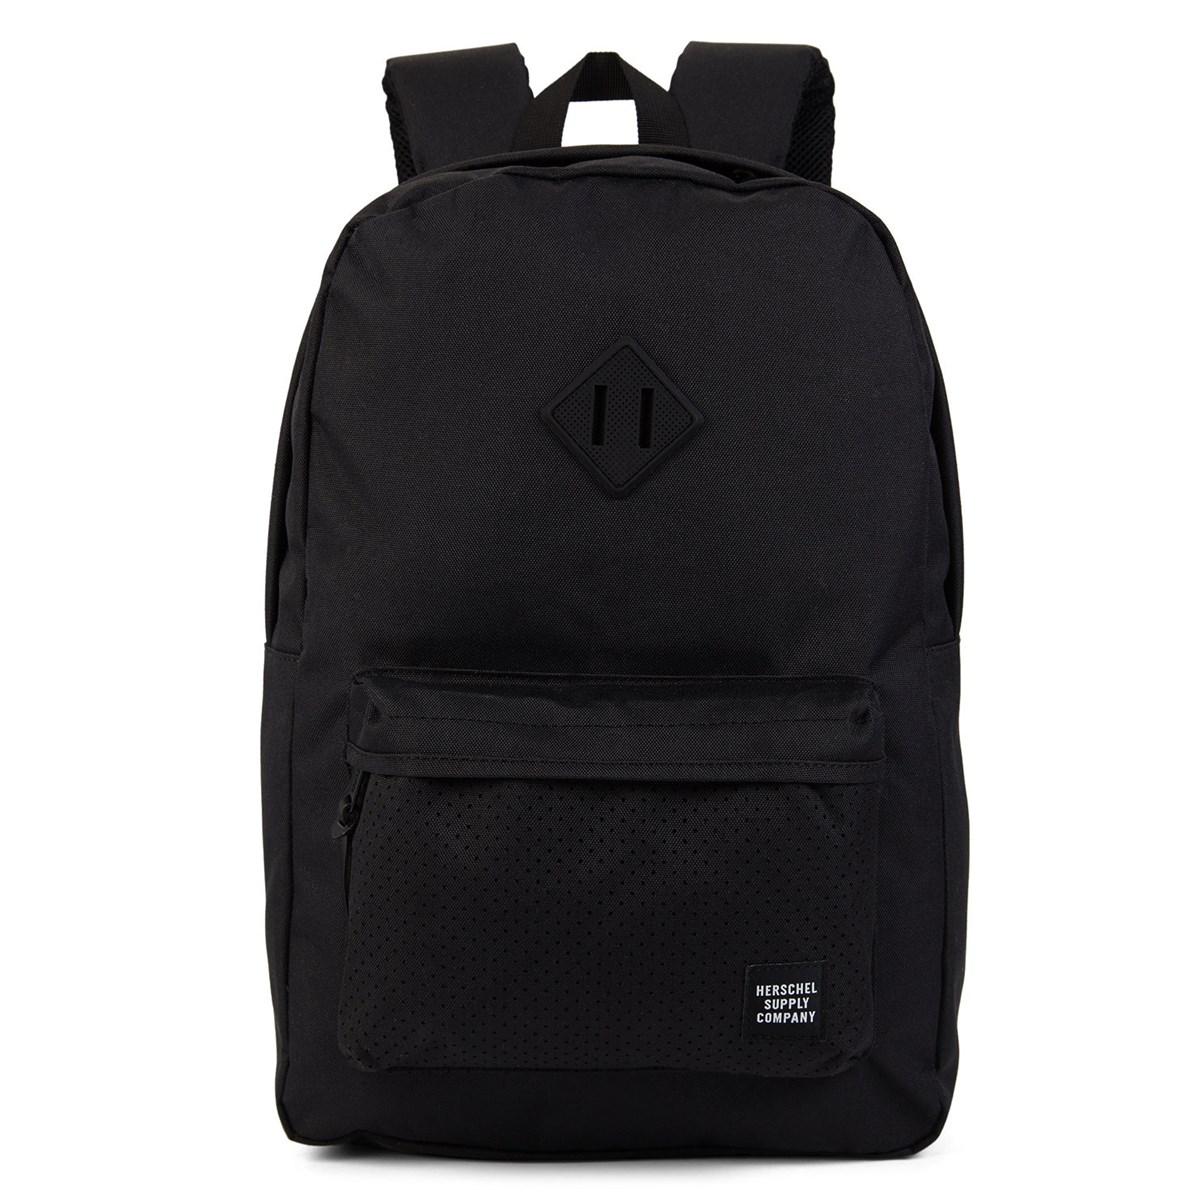 343355c80c4 Aspect Heritage Black Backpack. Previous. default view  ALT1  ALT2